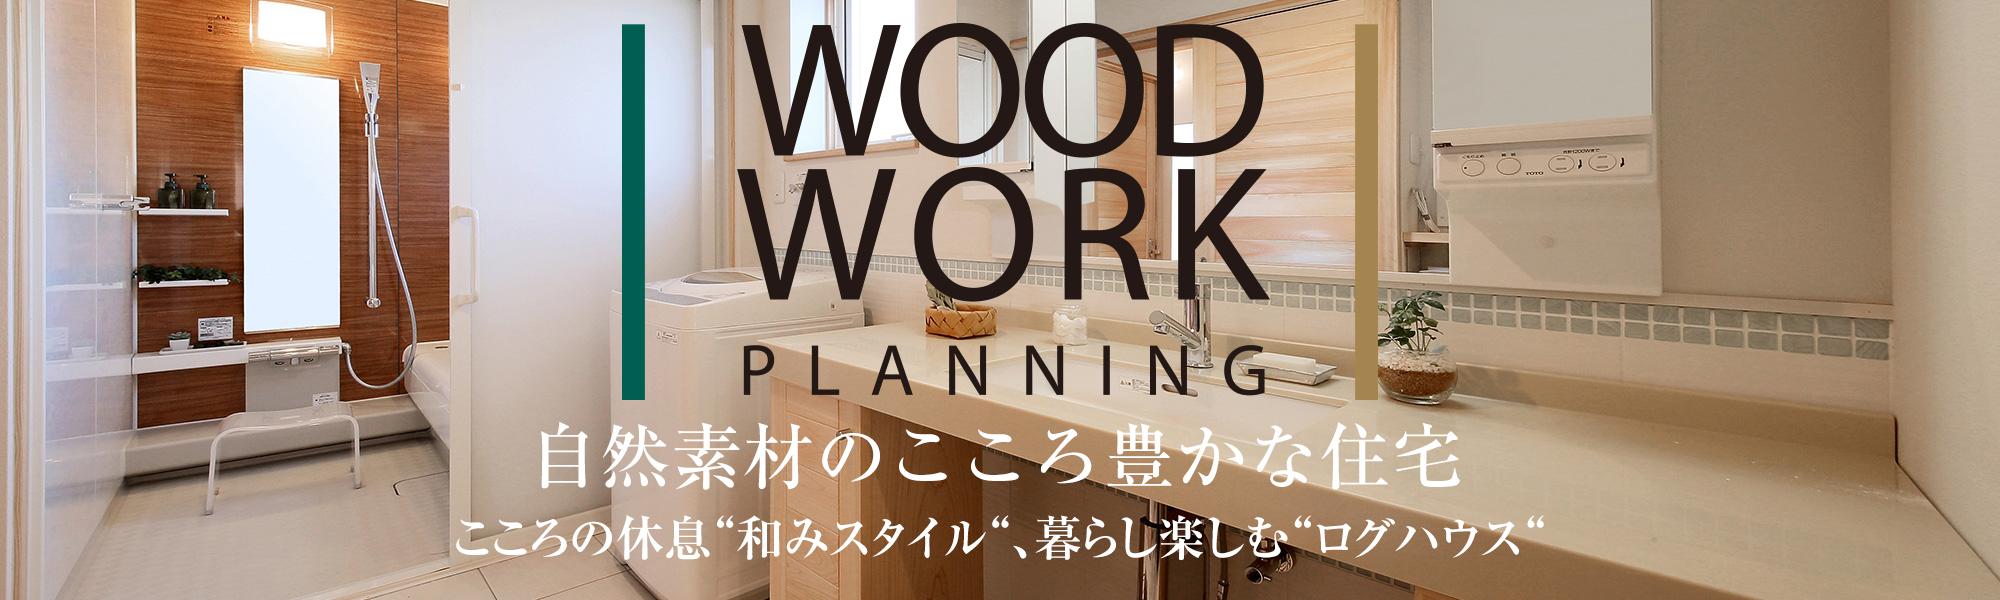 ログハウスの事ならwoodworkplanning talo栃木 ウッドワークプランニング